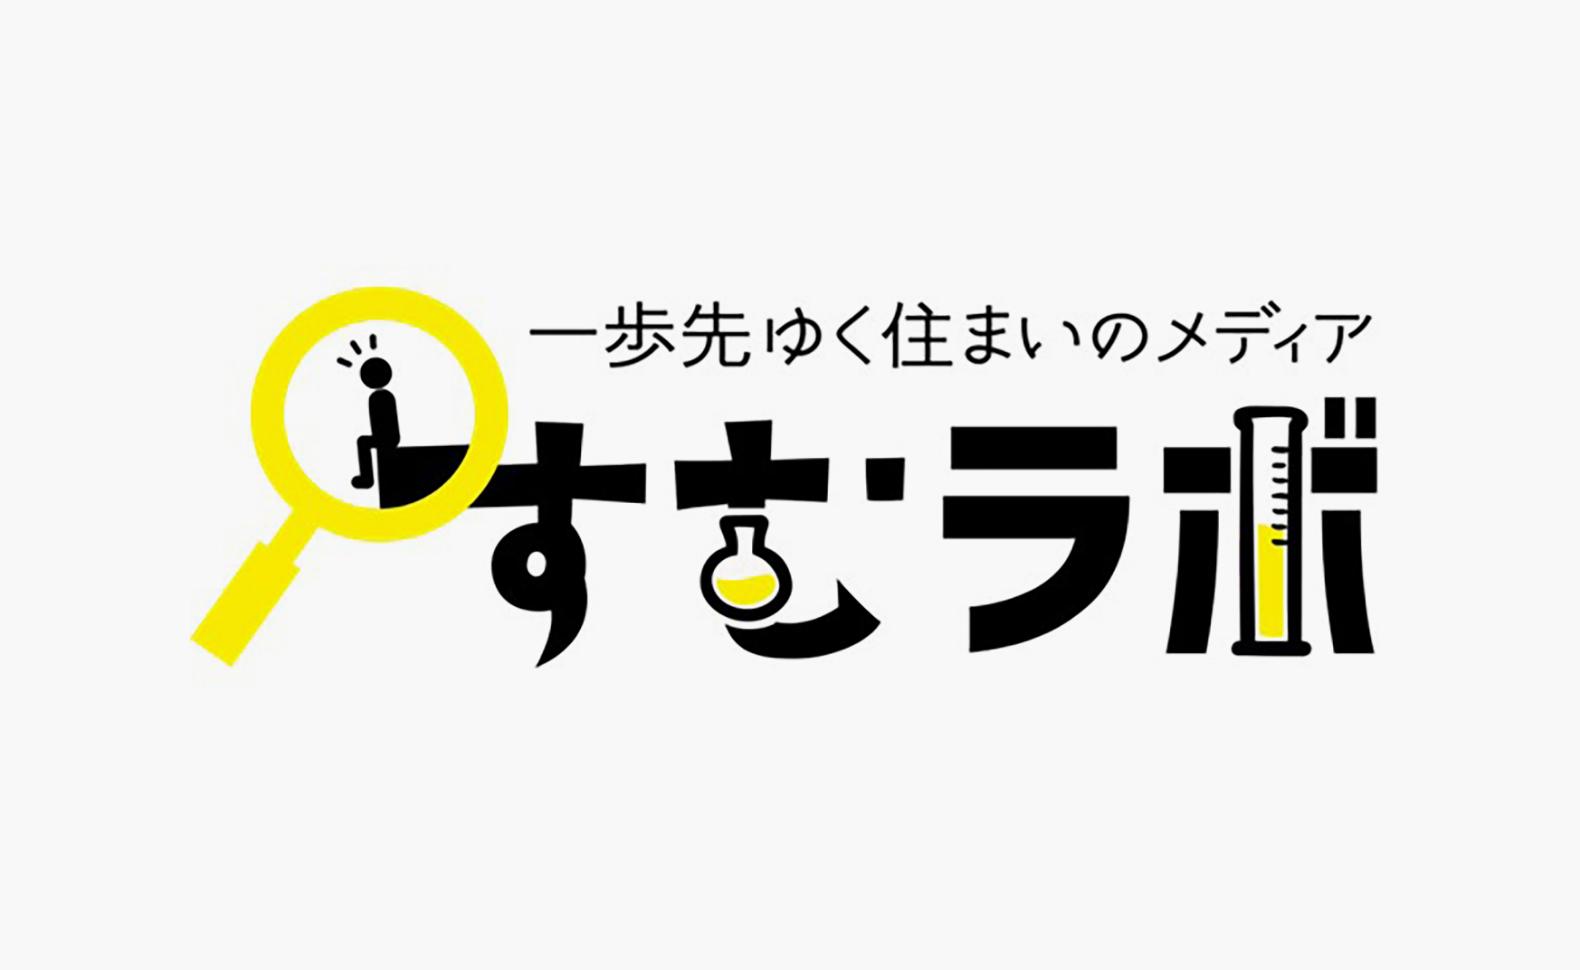 三井不動産レジデンシャル様・阪急阪神不動産様 他「エリア取材記事ツール」